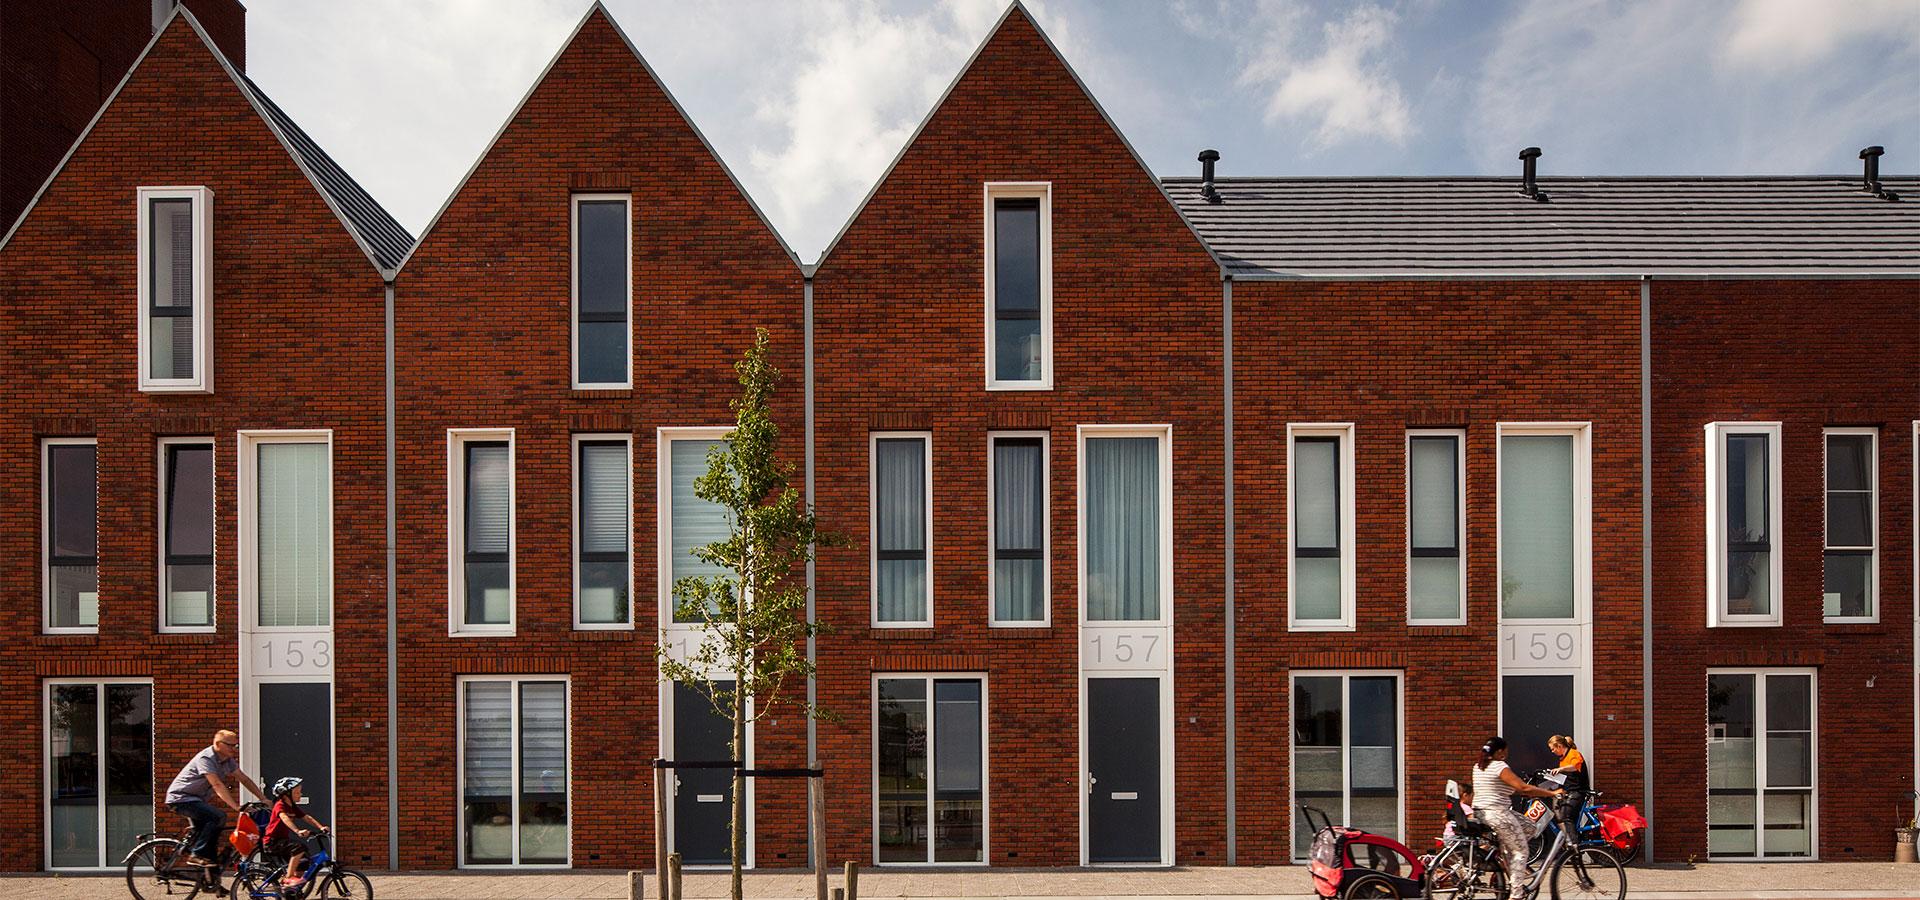 FARO architecten Harnaschpolder Delft 09